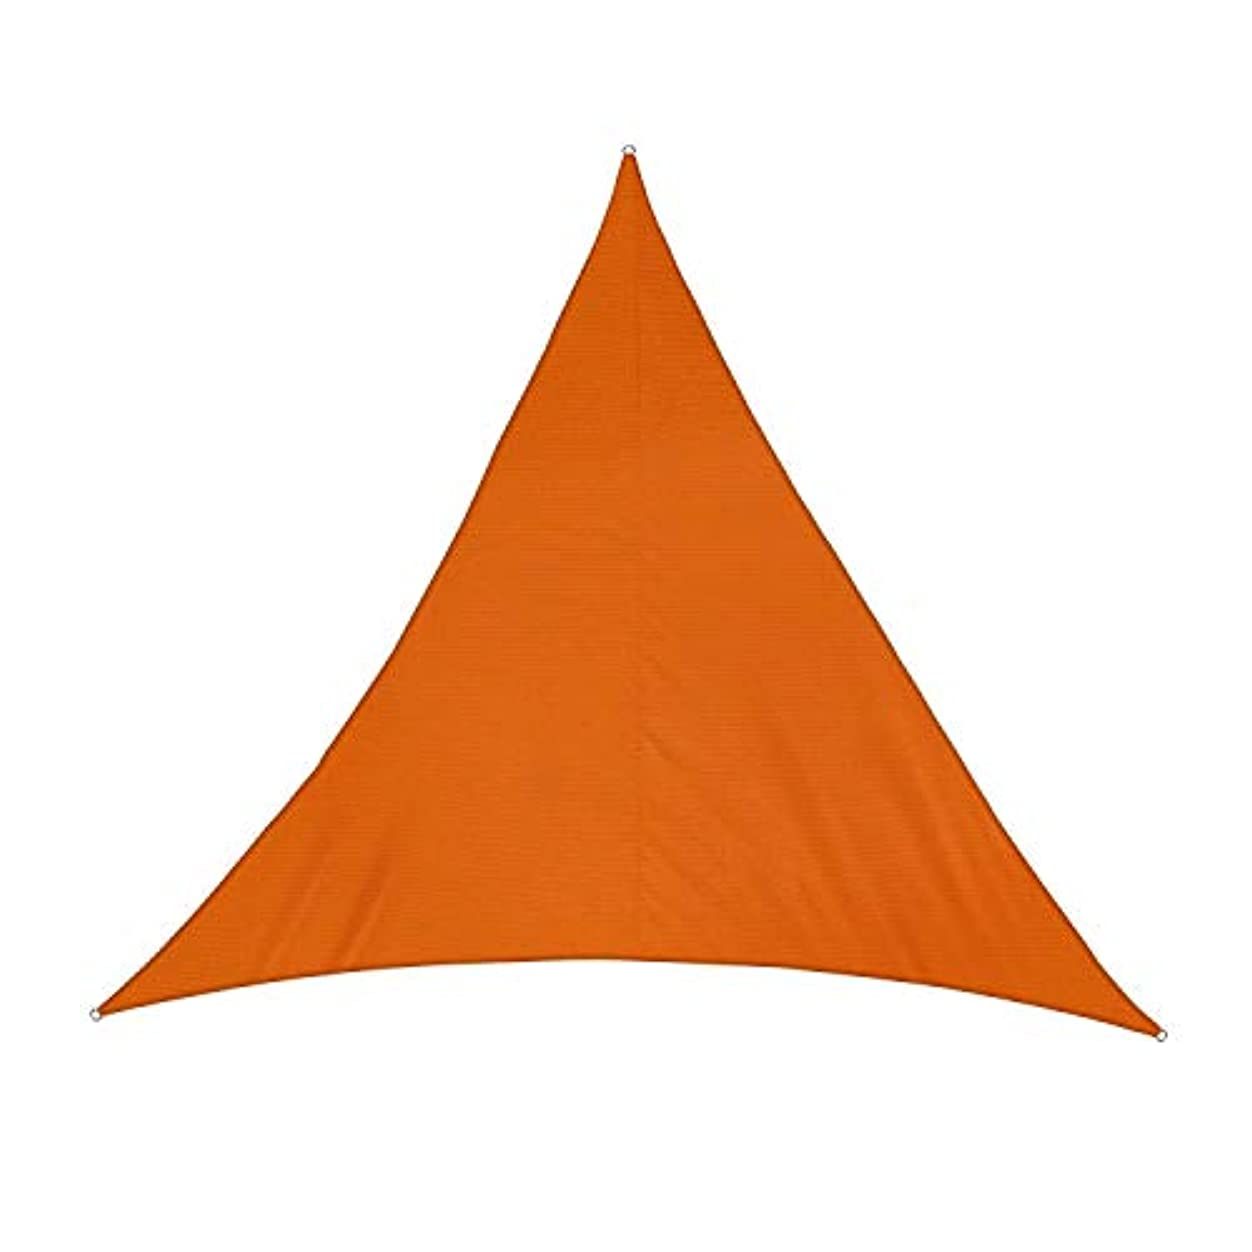 試験とげのあるお願いしますZHANWEI 屋外の オーニング シェード遮光ネット シェードセイル ポリエステル布 防水 三角形、 3色、 カスタマイズ可能なサイズ (Color : Orange, Size : 2x2x2M)